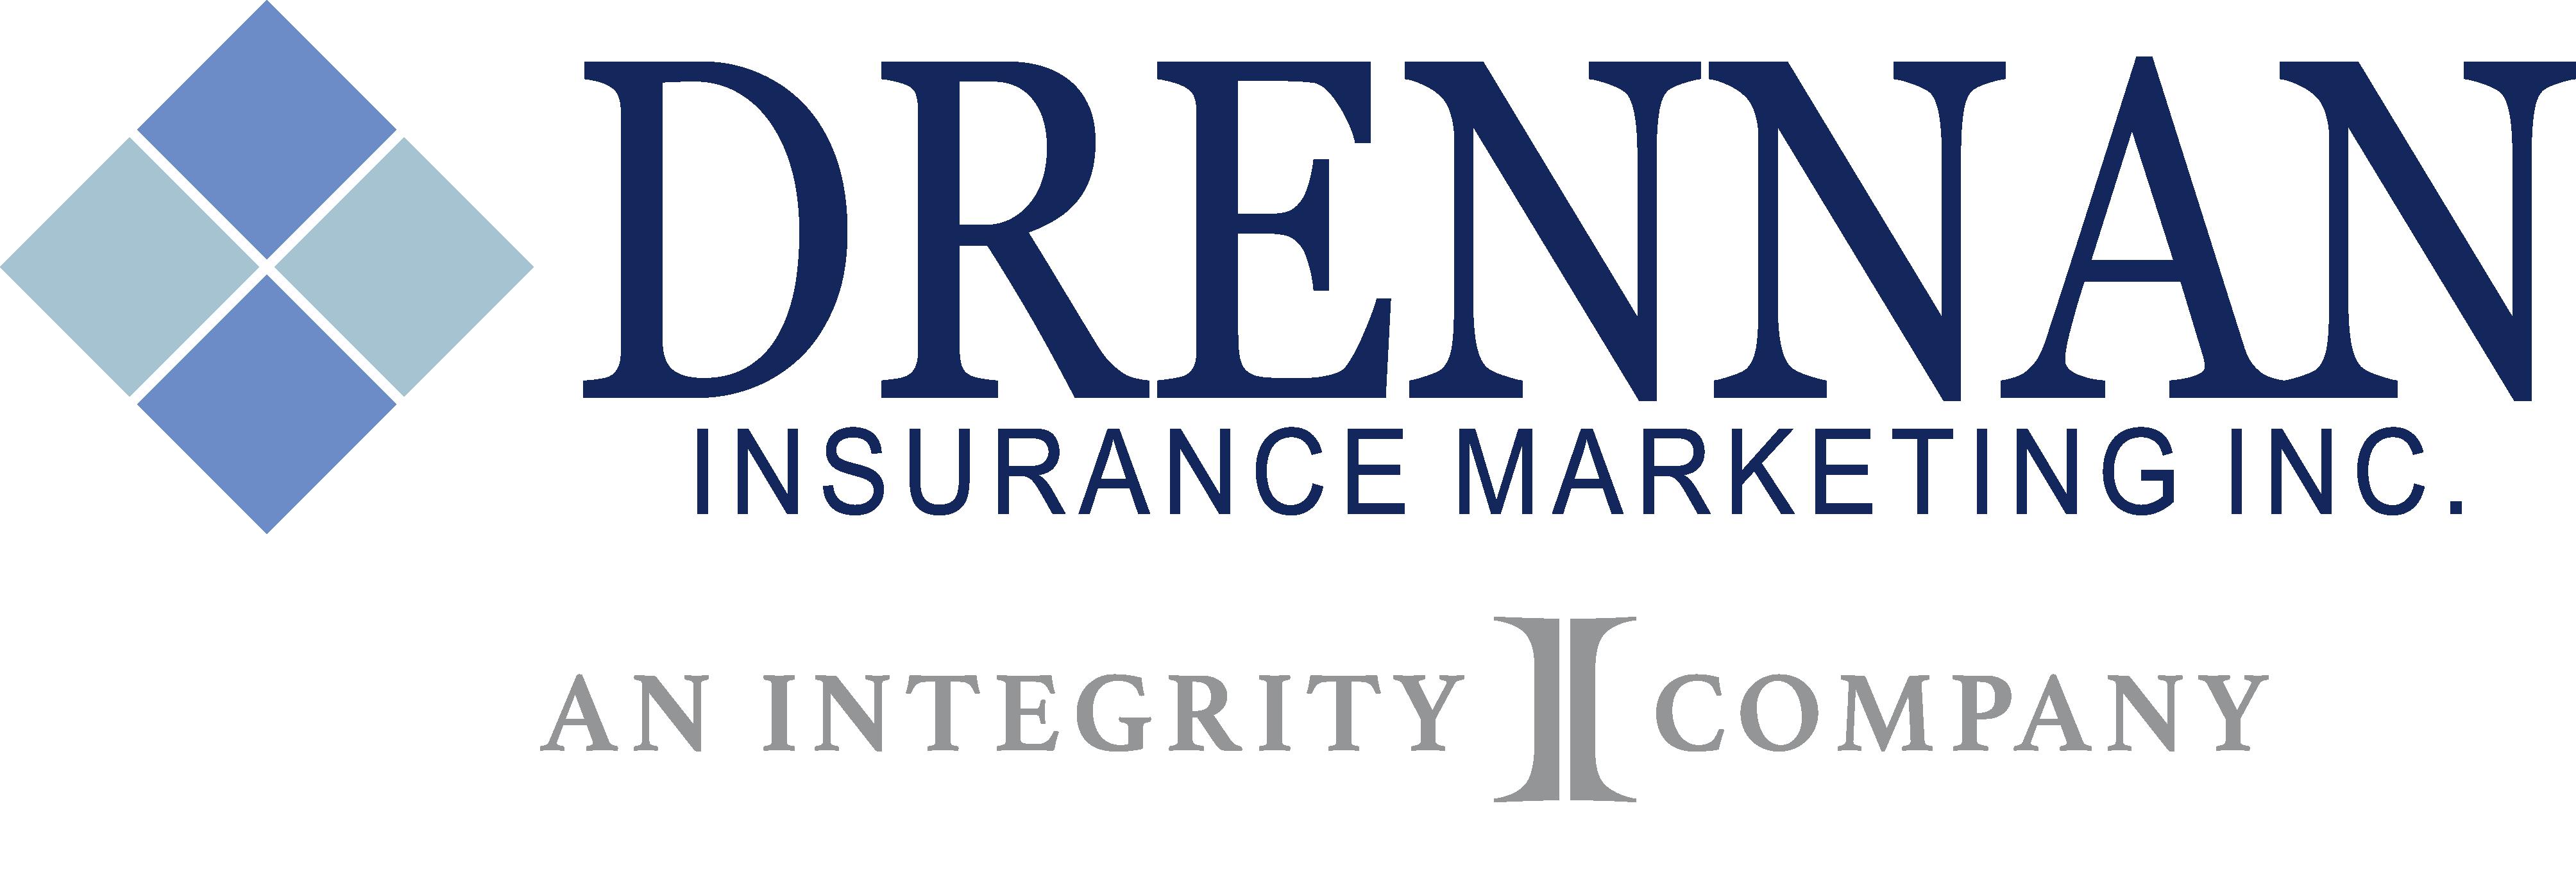 Drennan Insurance Companies